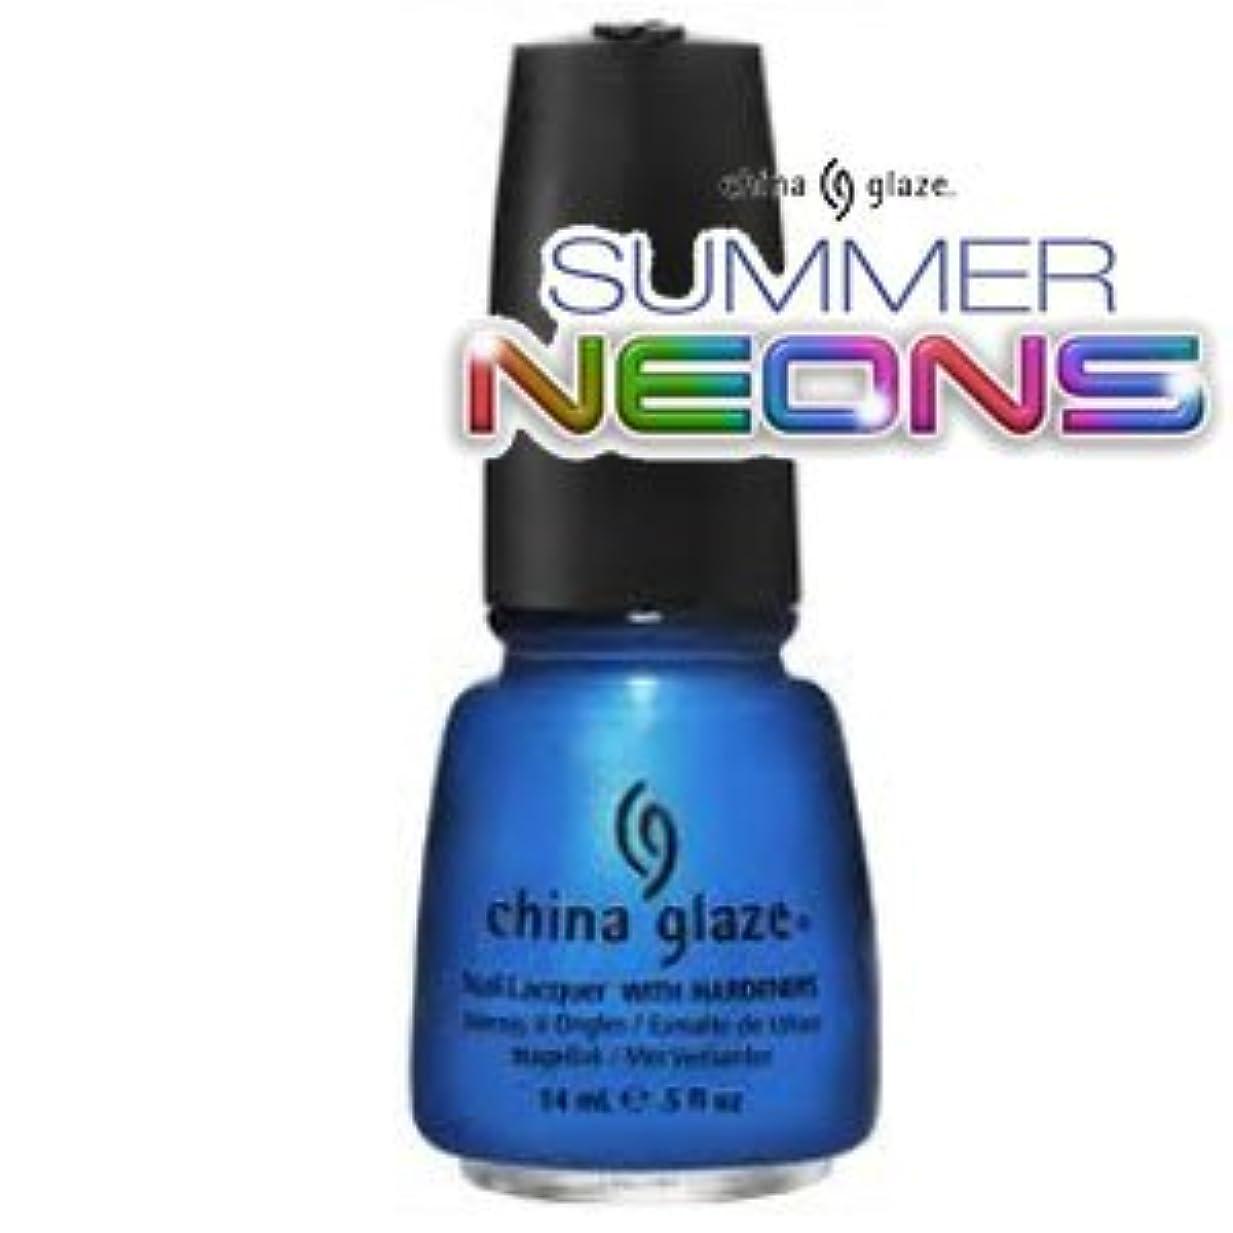 グラムハグもし(チャイナグレイズ)China Glaze Splish Splashーサマーネオン コレクション [海外直送品][並行輸入品]